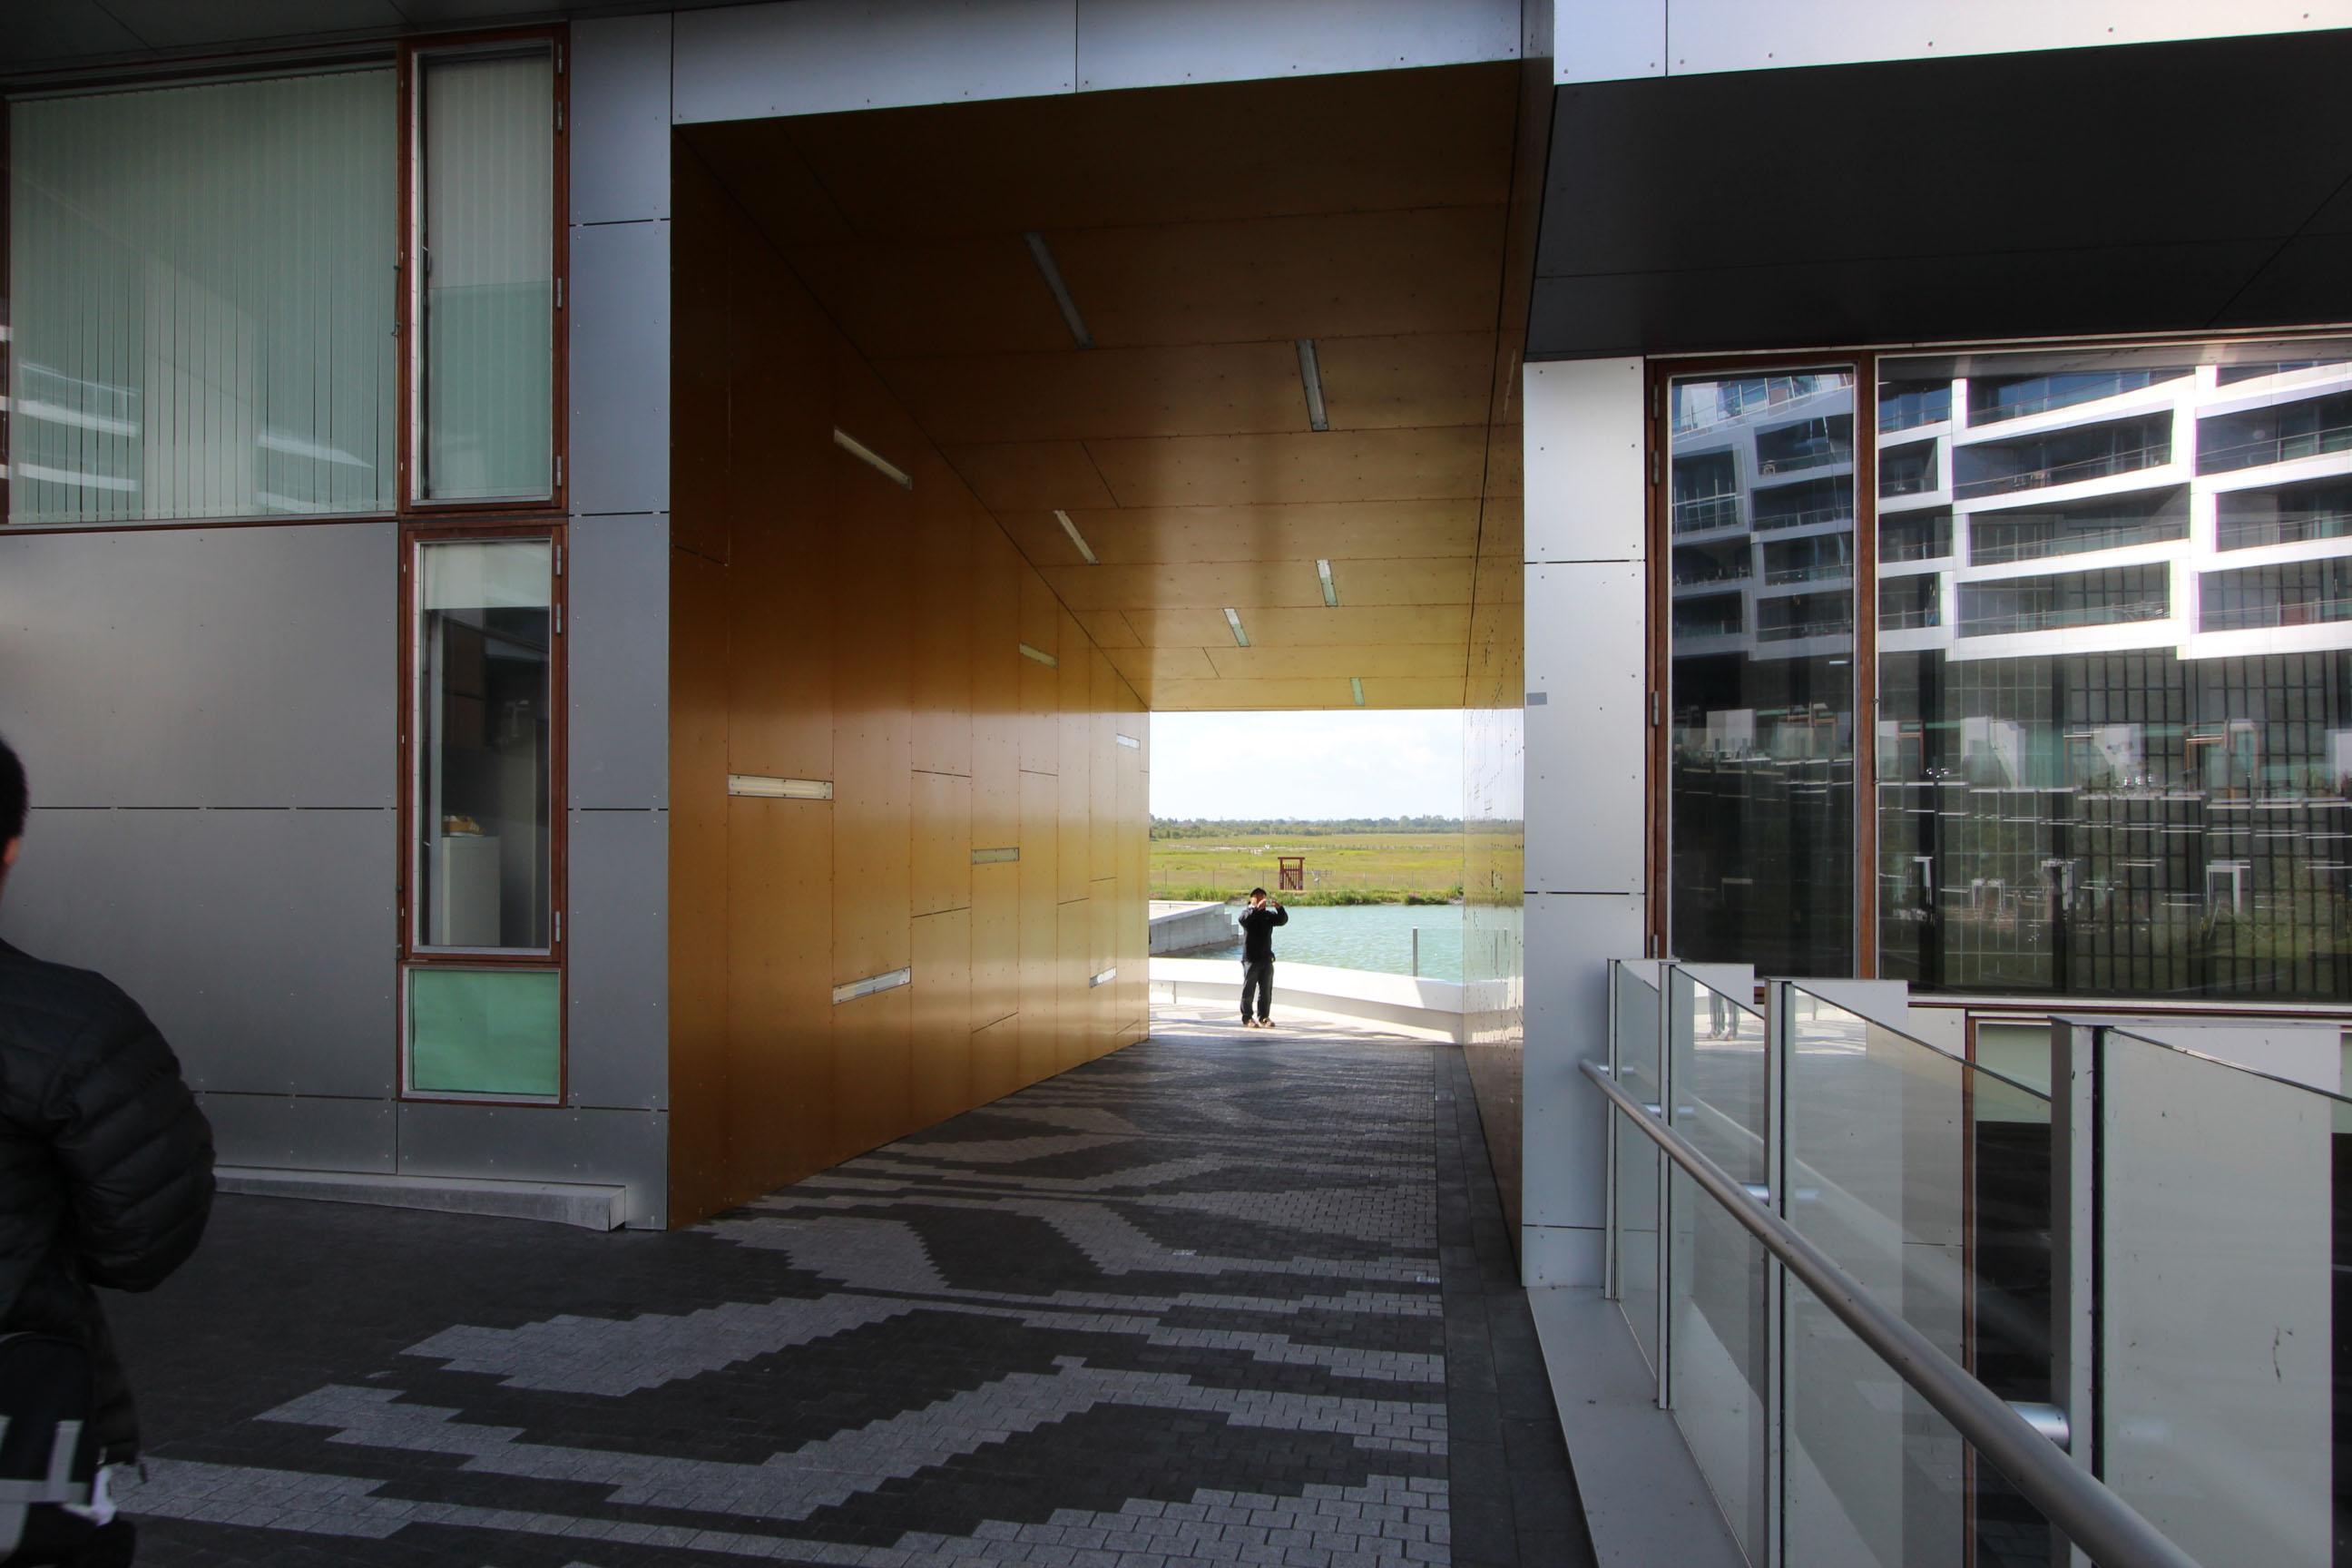 12北欧研修:コペンの再開発オレスタッド・シティー2:8ハウス集合住宅_e0054299_20344885.jpg